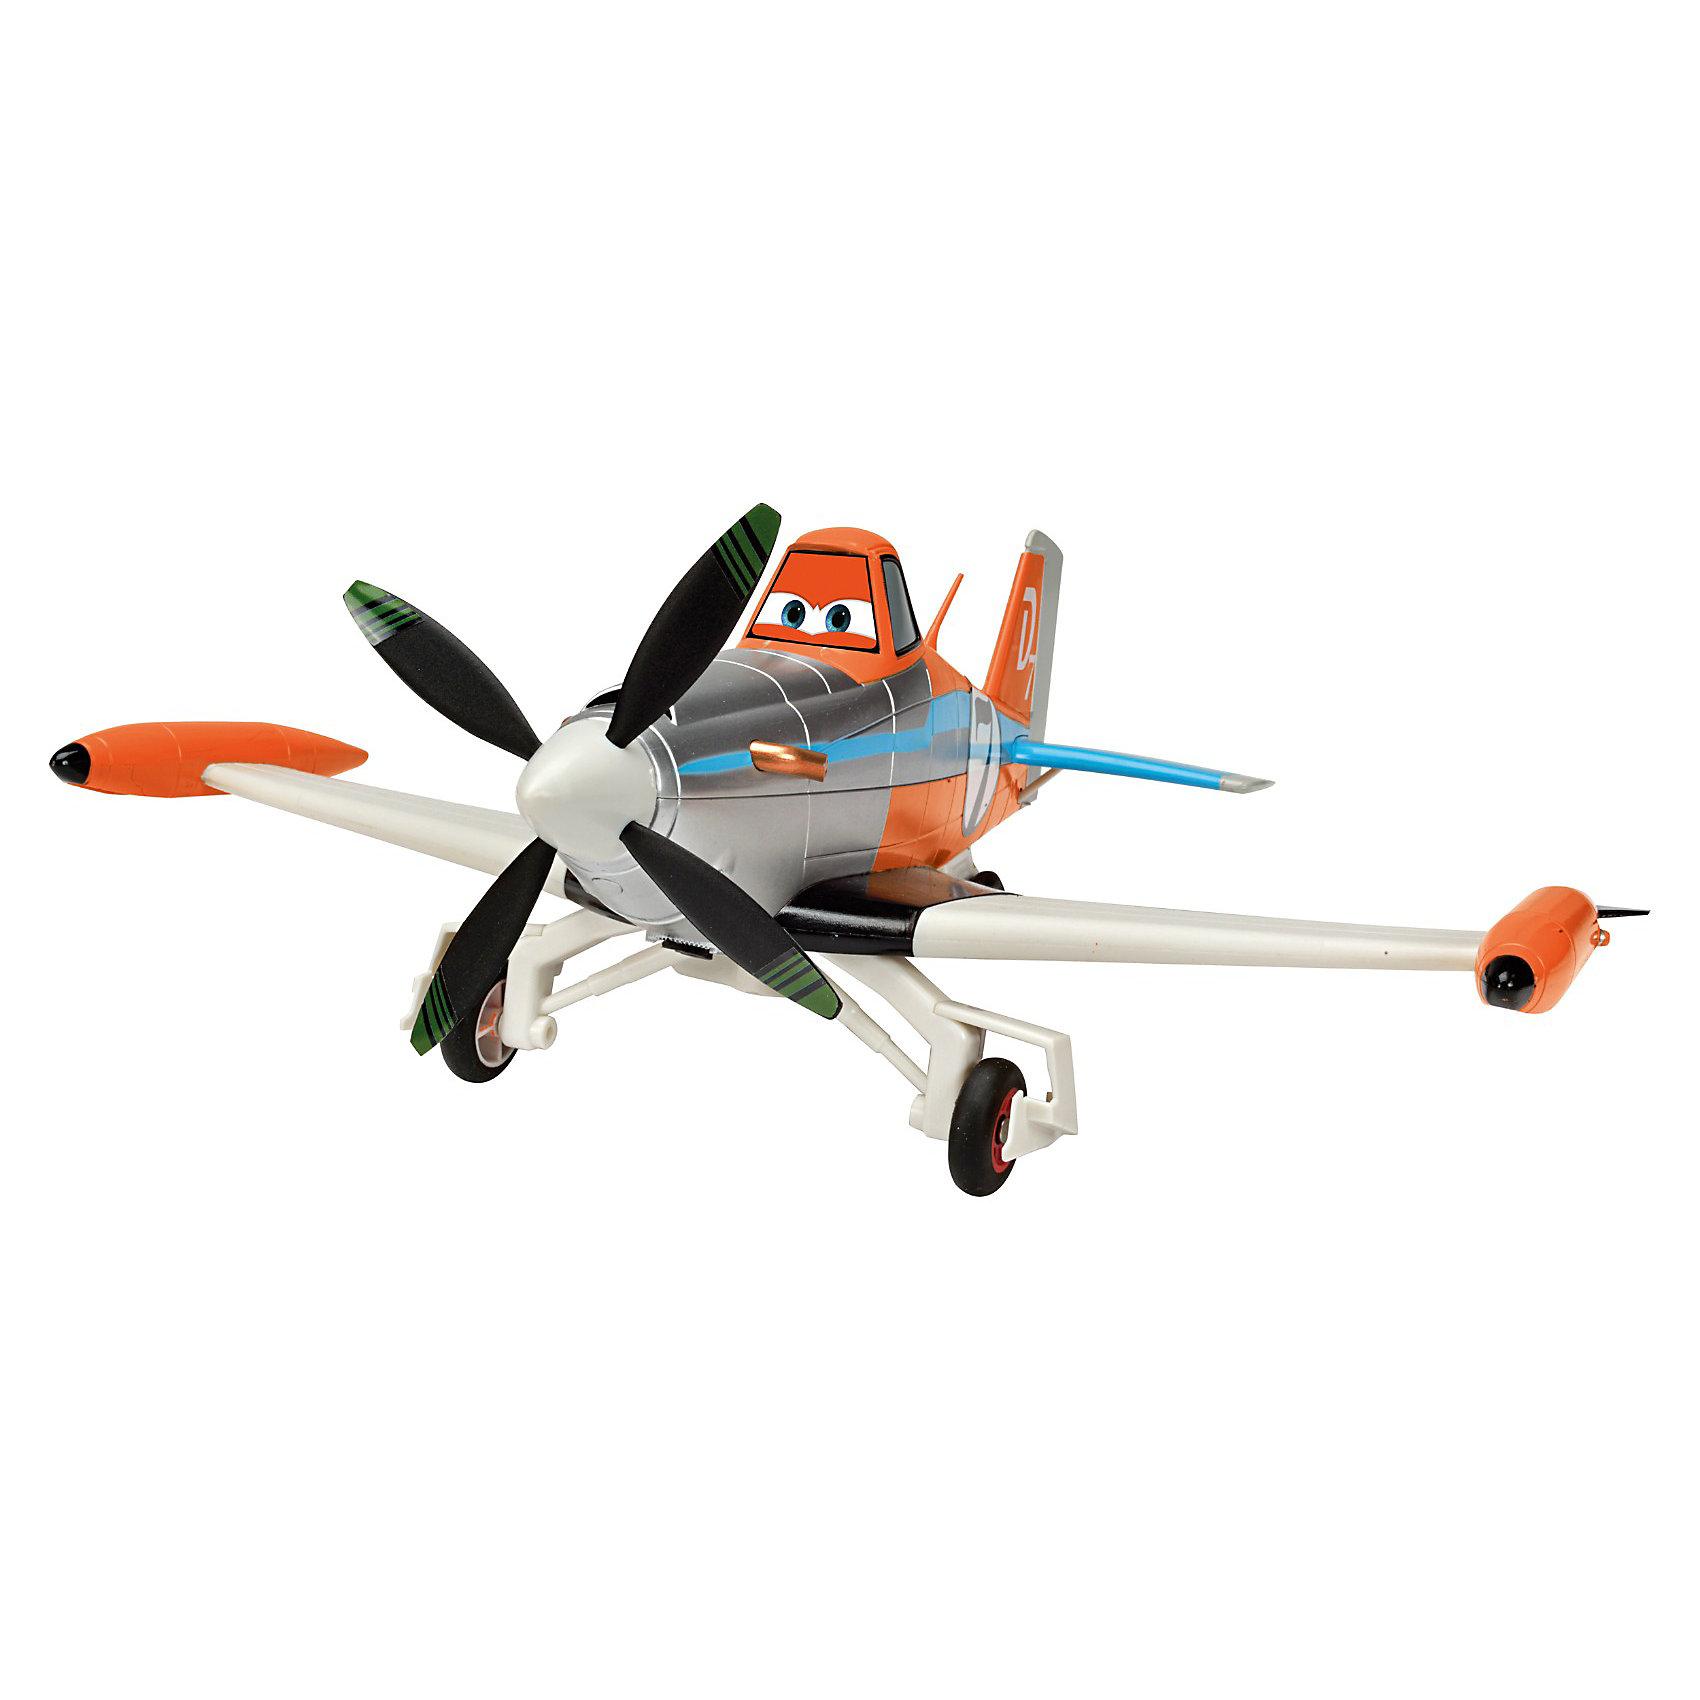 Самолет на р/у Дасти 1:24, 25 см., СамолетыСамолет Дасти масштабом 1:24, воплощает  характер персонажа и выполнен с сохранением оригинальной стилистики, идеально подходят для воссоздания эпических сцен из мультфильма Самолеты.<br><br>Дасти - главный герой мультфильма Самолеты (Planes) - это пропеллерный самолетик, был сконструирован для того чтобы орошать поля, но он всегда мечтал о большем! Даже врожденная боязнь высоты не может остановить его на пути к мечте! С помощью друзей Дасти достигает таких высот, о которых он раньше и мечтать не мог и заставляет мир замереть от восхищения. <br><br><br>- Самолетик оформлен в оранжевом, серебристом, белом и голубом цветах, а сбоку его красуется номер «семь». Самолетик имеет крутящийся пропеллер, способен ездить по поверхности и издавать звуковые эффекты.<br>- Управляется с помощью пульта.<br>- Размер: 25 см<br>- Размер упаковки: 62 x 38 x 37 см<br>- Самолетик и пульт требуют три батарейки АА и три типа ААА.<br><br>Ширина мм: 364<br>Глубина мм: 301<br>Высота мм: 181<br>Вес г: 883<br>Возраст от месяцев: 36<br>Возраст до месяцев: 864<br>Пол: Мужской<br>Возраст: Детский<br>SKU: 3167815